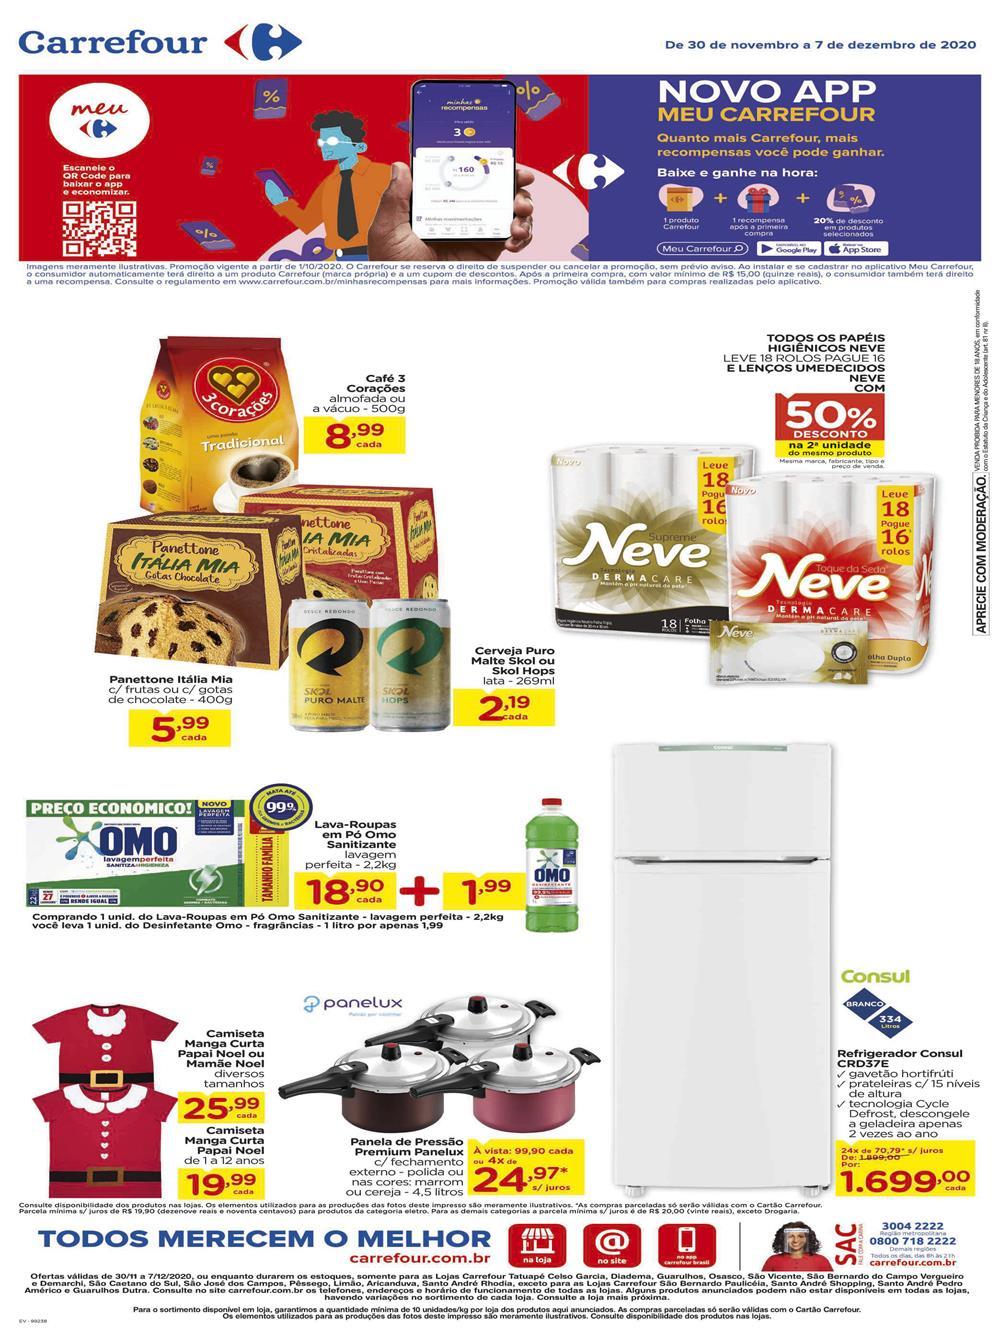 carrefour-ofertas-descontos-hoje12-5 Black Friday Ofertas de supermercados